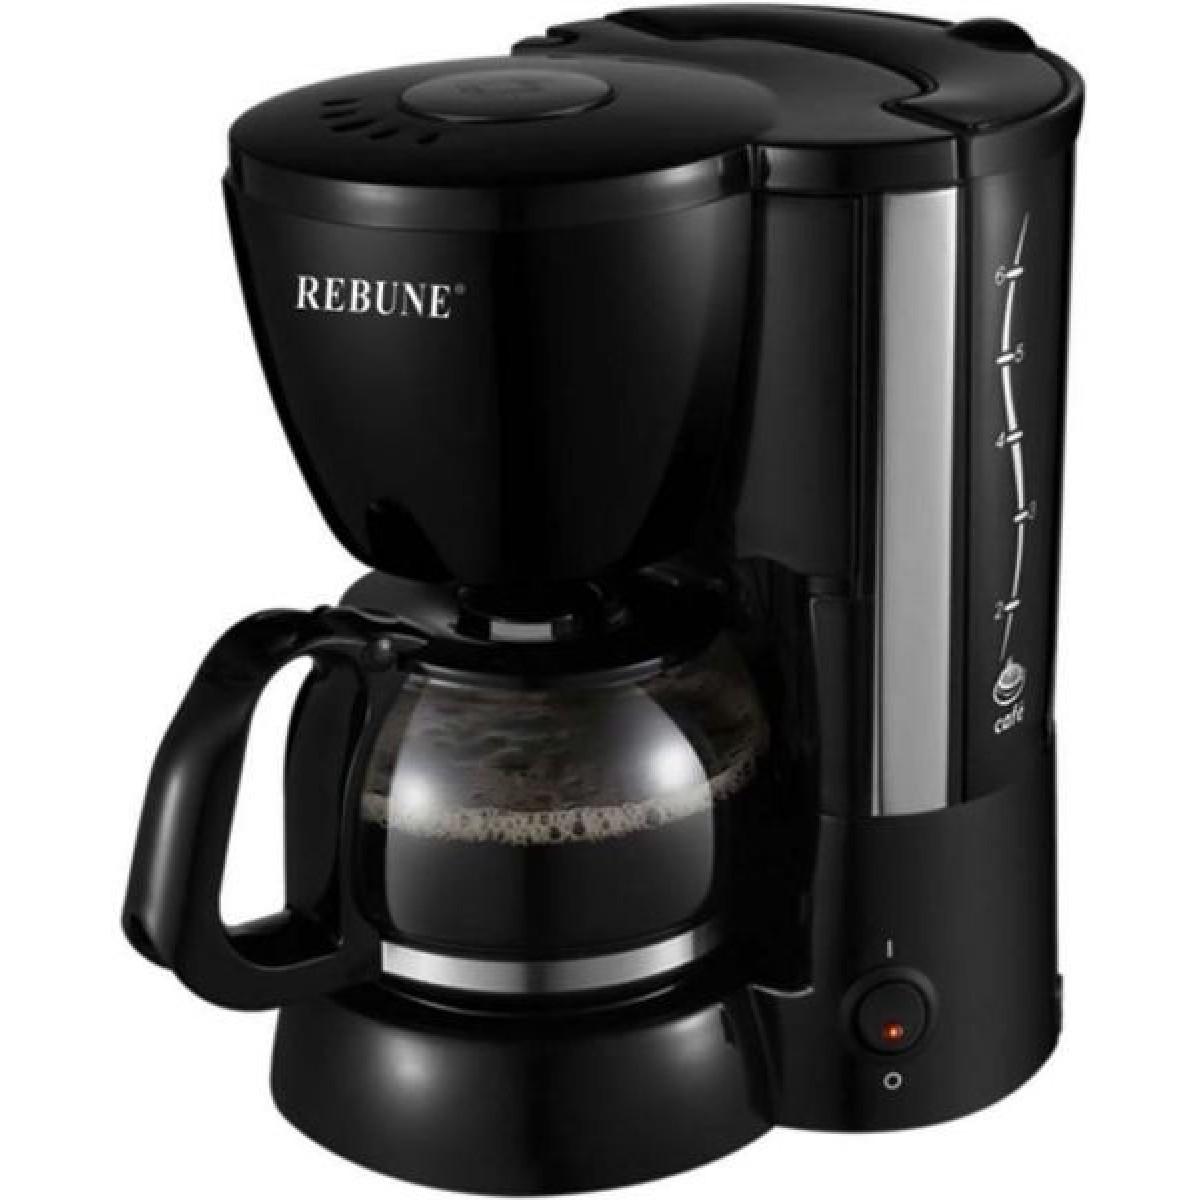 صانعة قهوة ريبون 0.65 لتر 600واط موديل RE-6-018